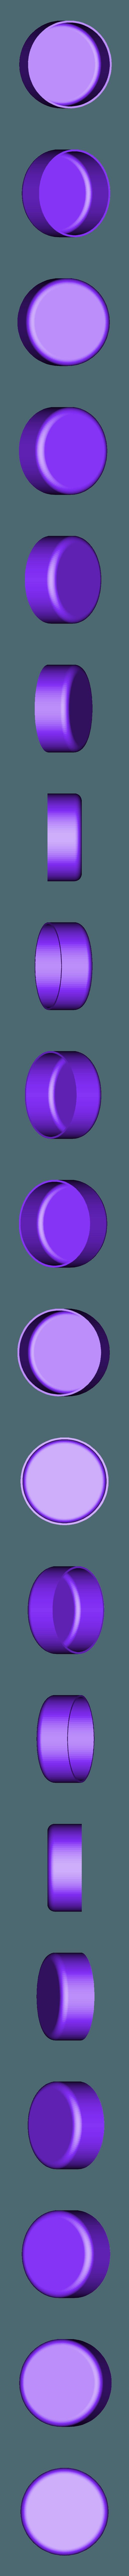 base_36x14r3.stl Télécharger fichier SCAD gratuit Contenants ronds personnalisables • Plan pour impression 3D, WalterHsiao